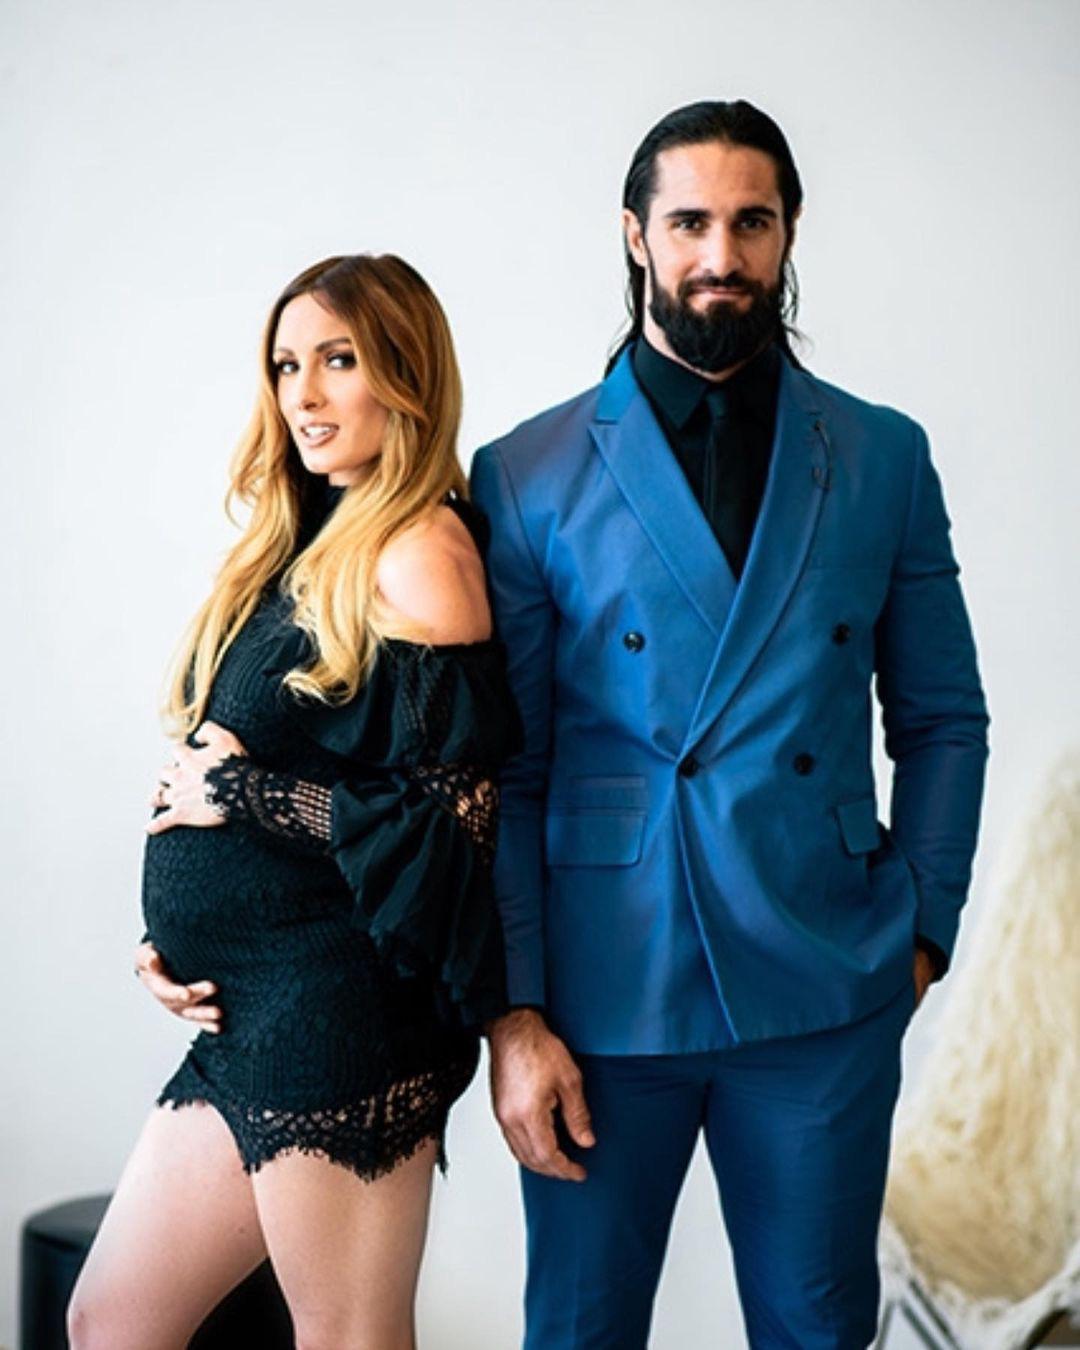 Mỹ nhân Becky Lynch cùng Seth Rollins chào đón thiên thần nhỏ đầu lòng - Ảnh 1.